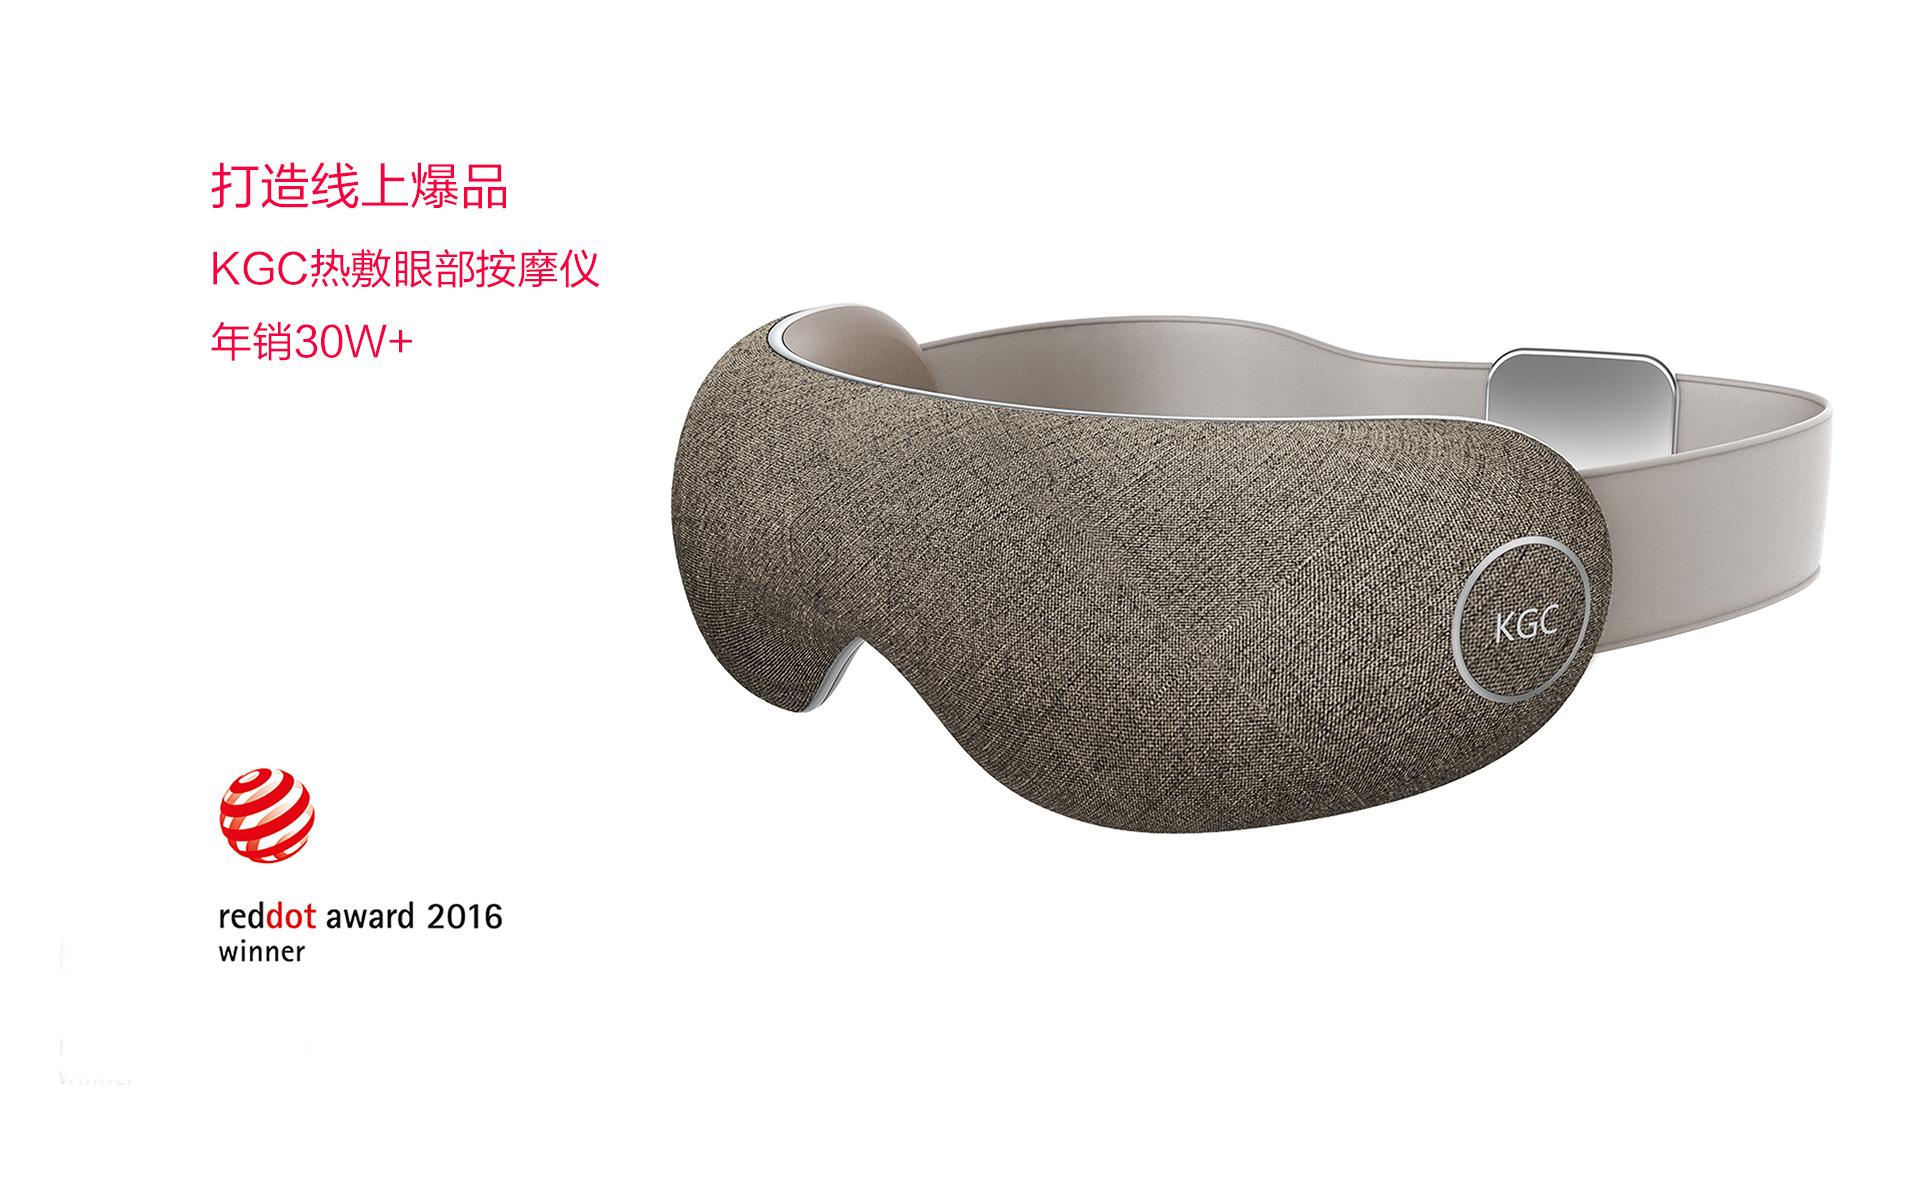 按摩椅-上海工业设计公司-即禾设计